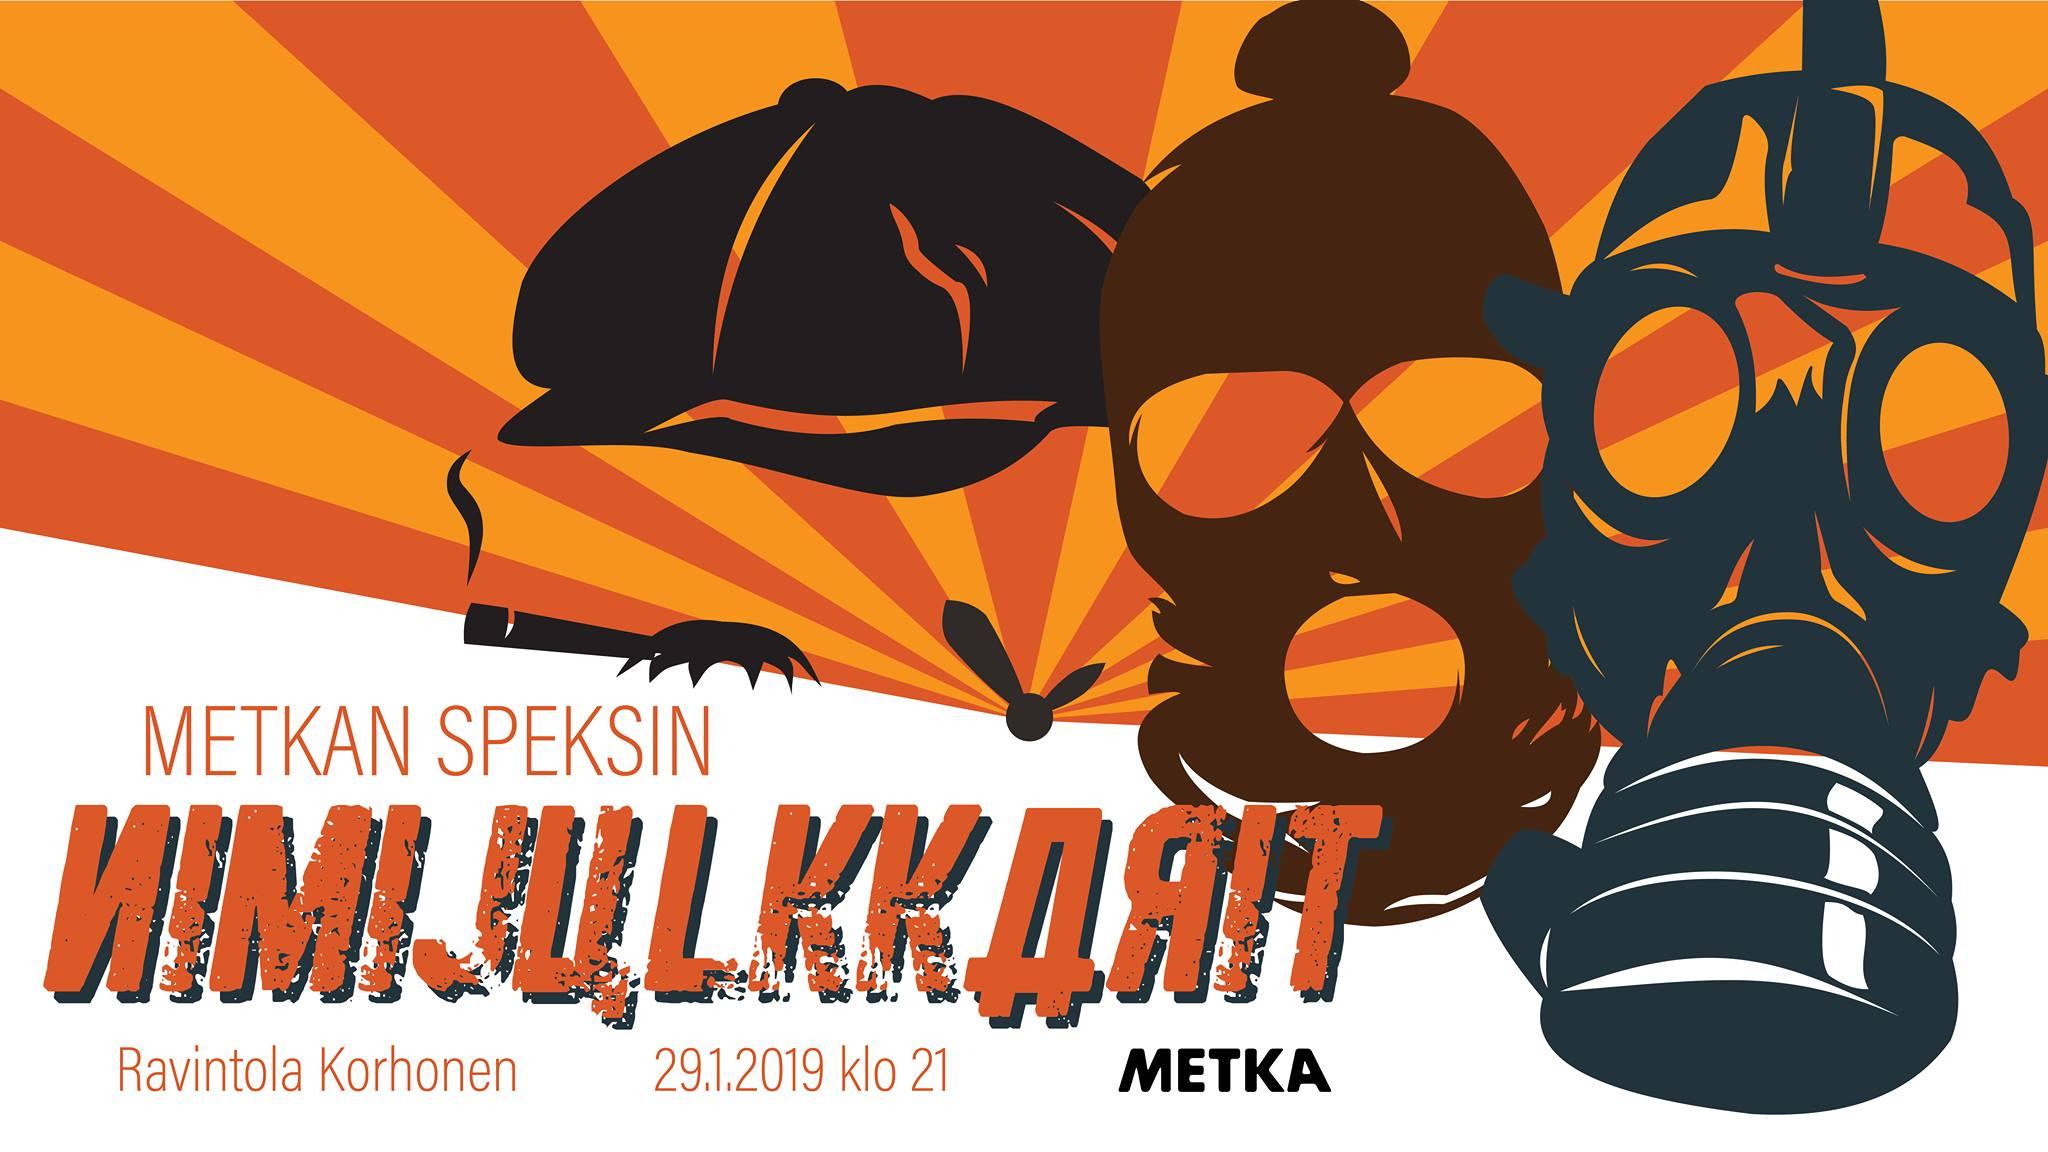 METKAn Speksi 2019 - Nimijulkkarit